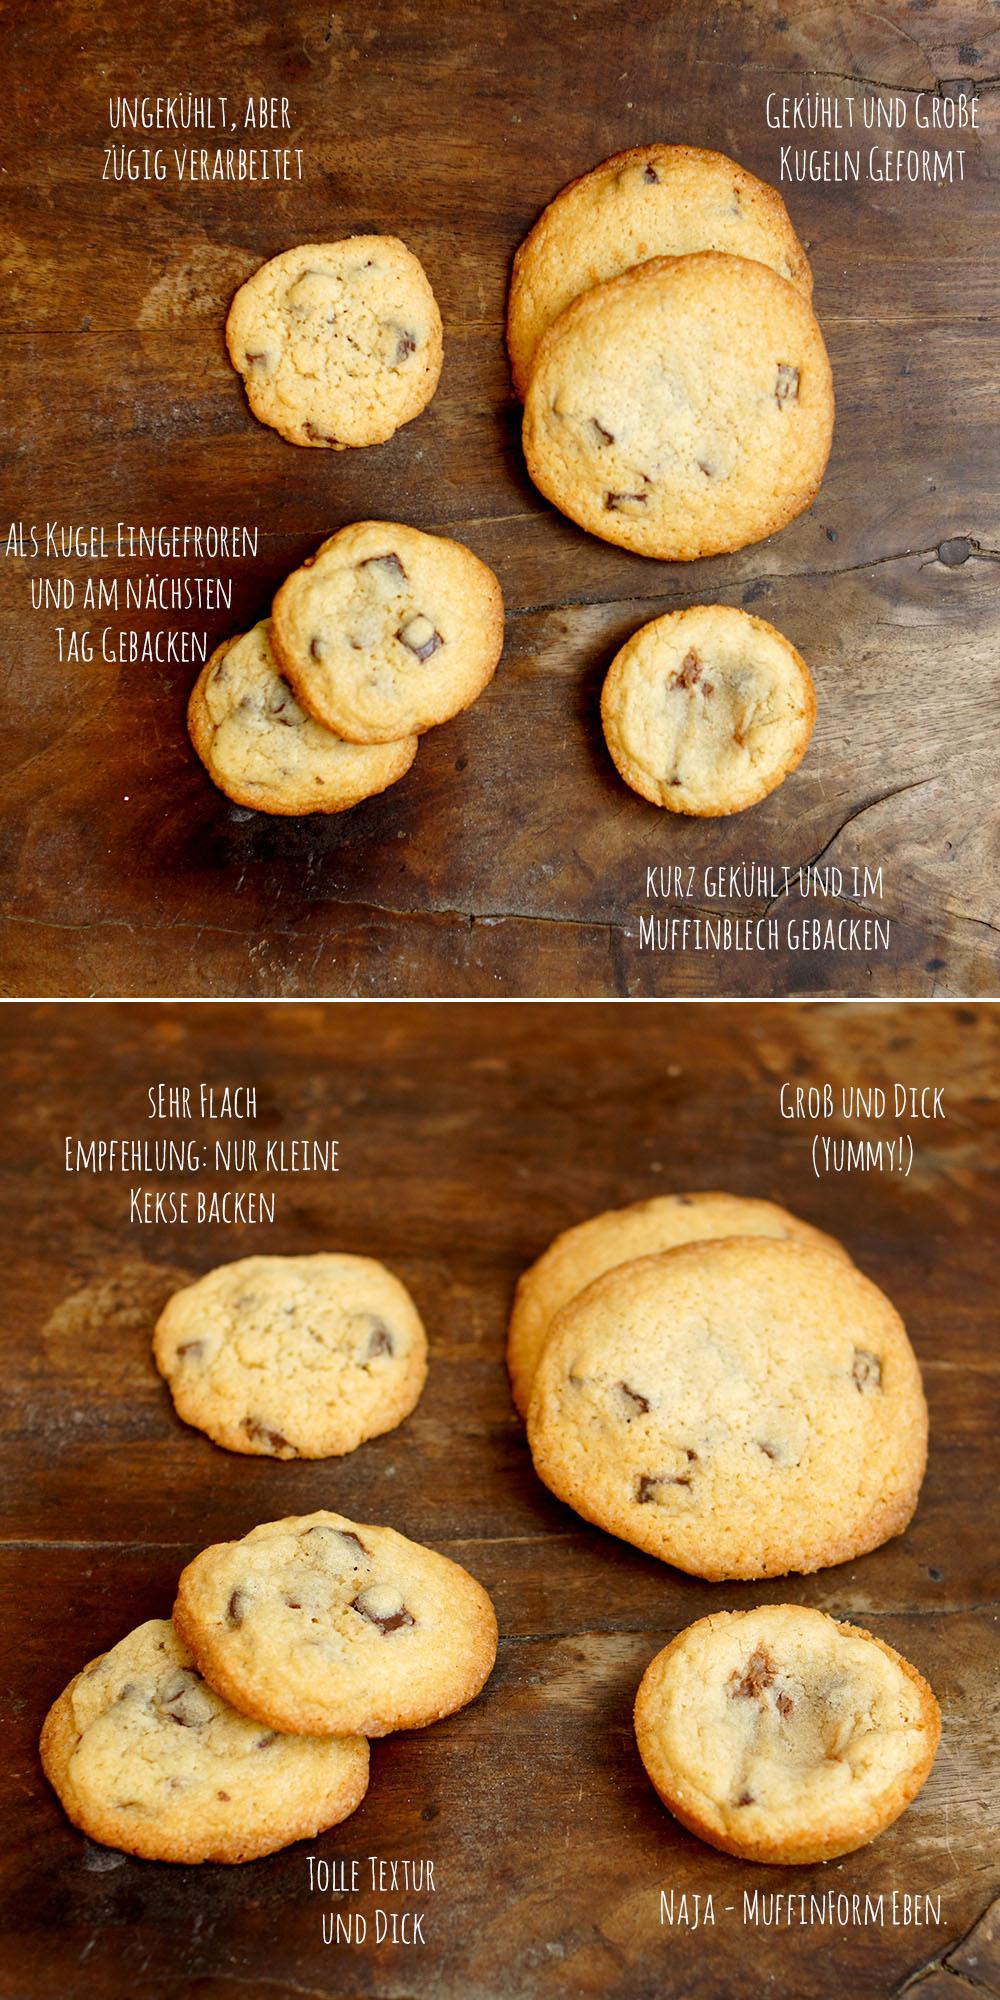 verschiedene Keksformen und Texturen